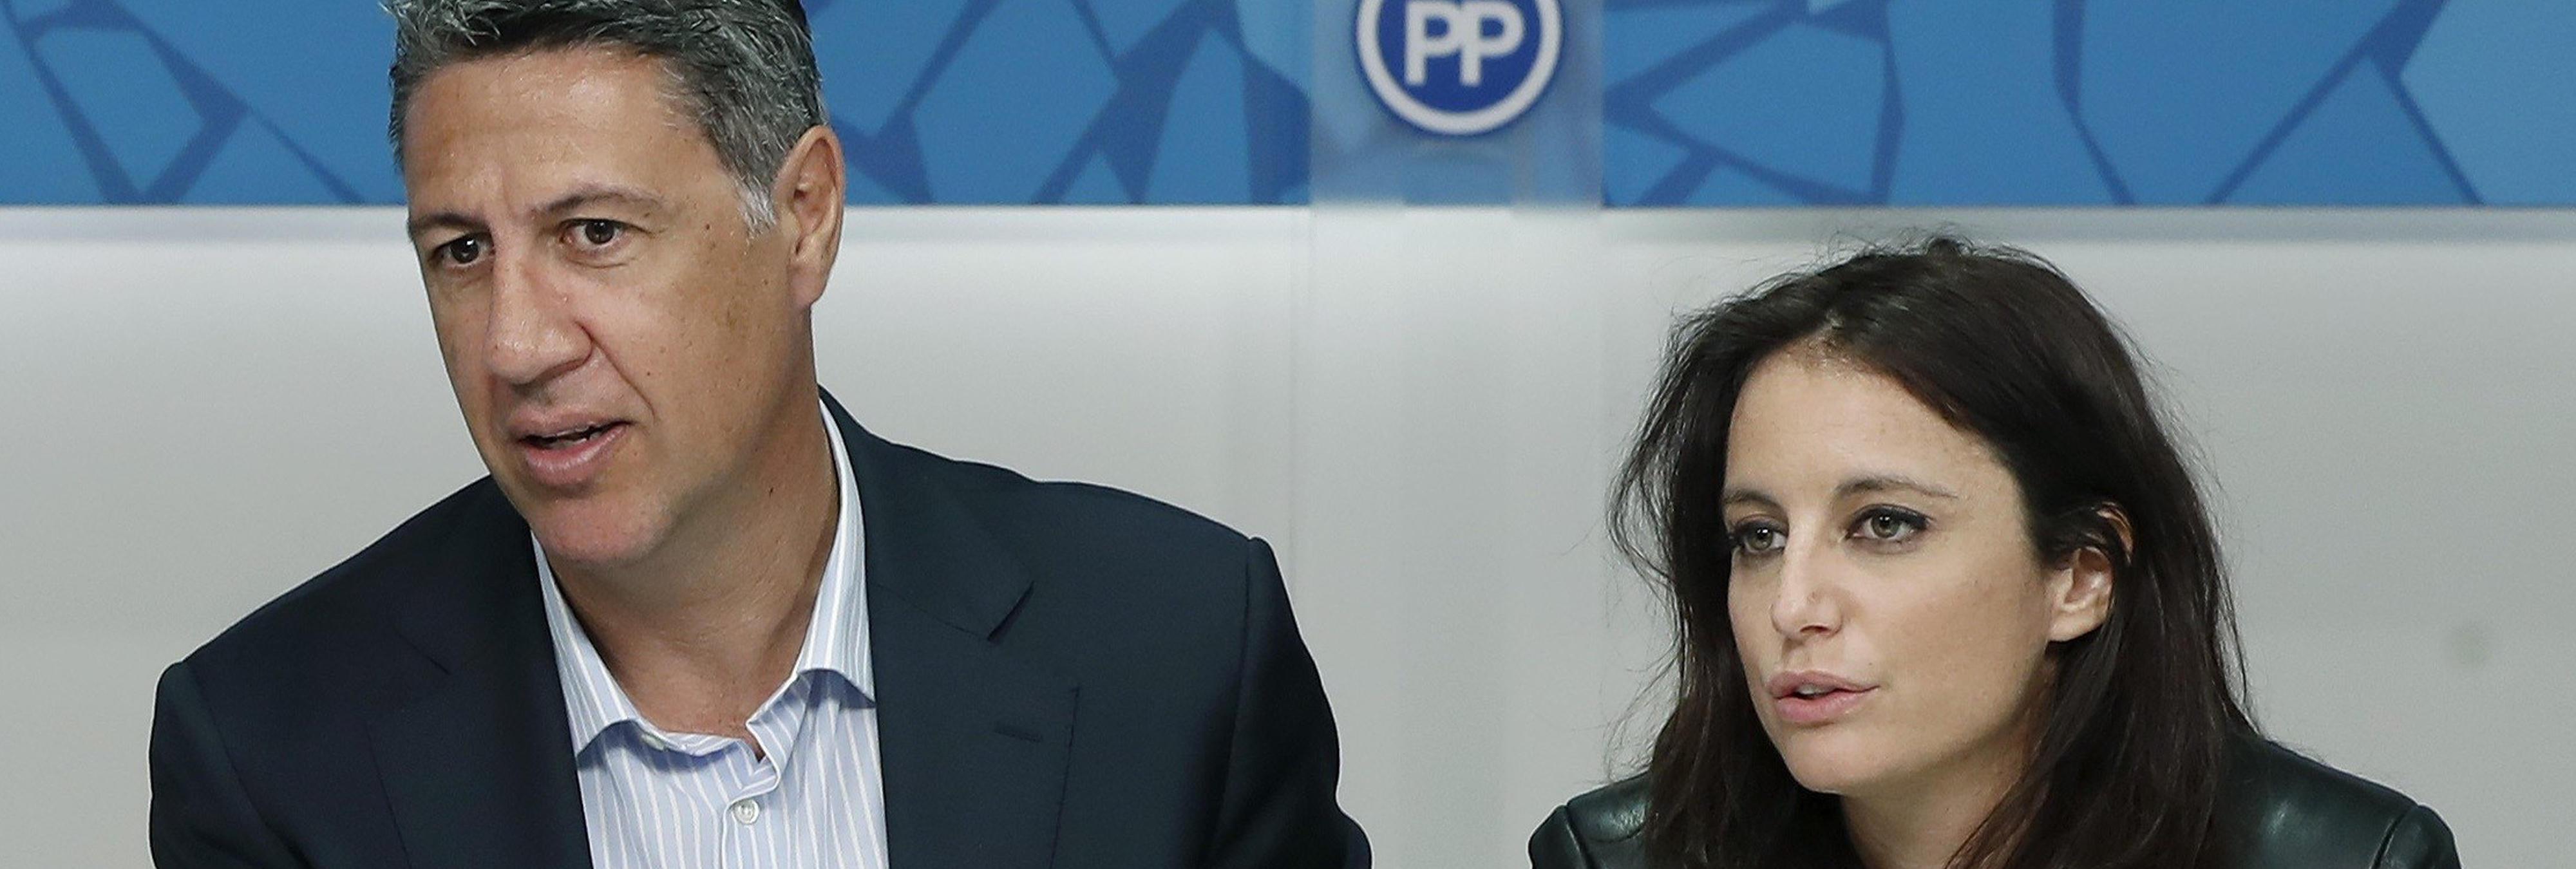 PACMA se queda en Cataluña a 130.000 votos del PP gastando 1.000 veces menos en campaña